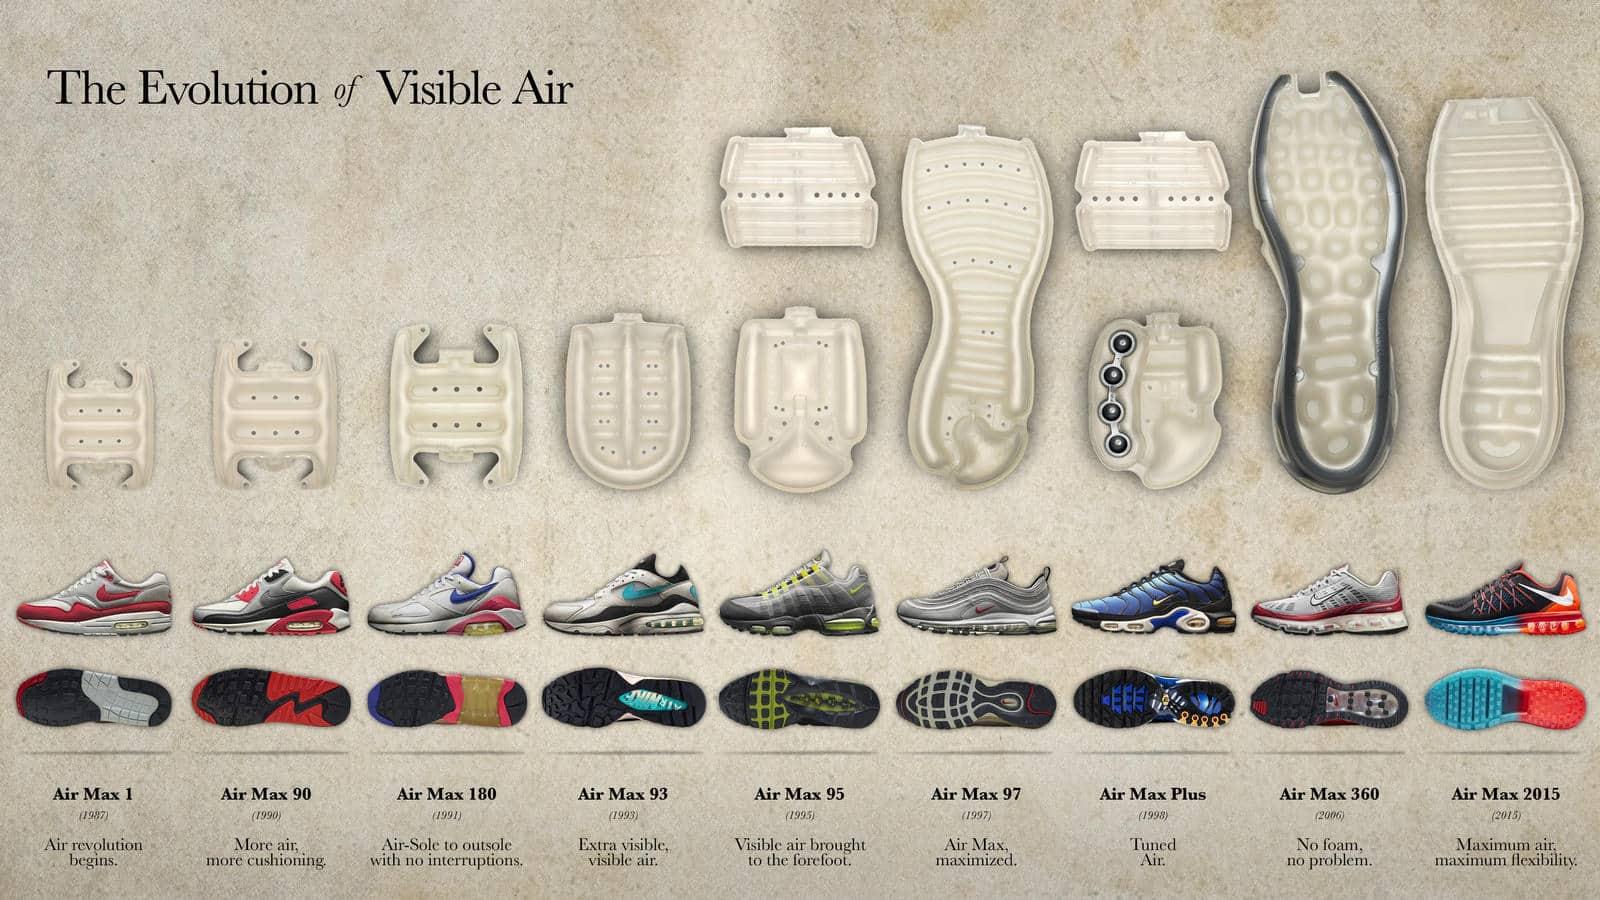 Infographie : l'évolution de l'air visible sur les baslets Nike depuis 1987